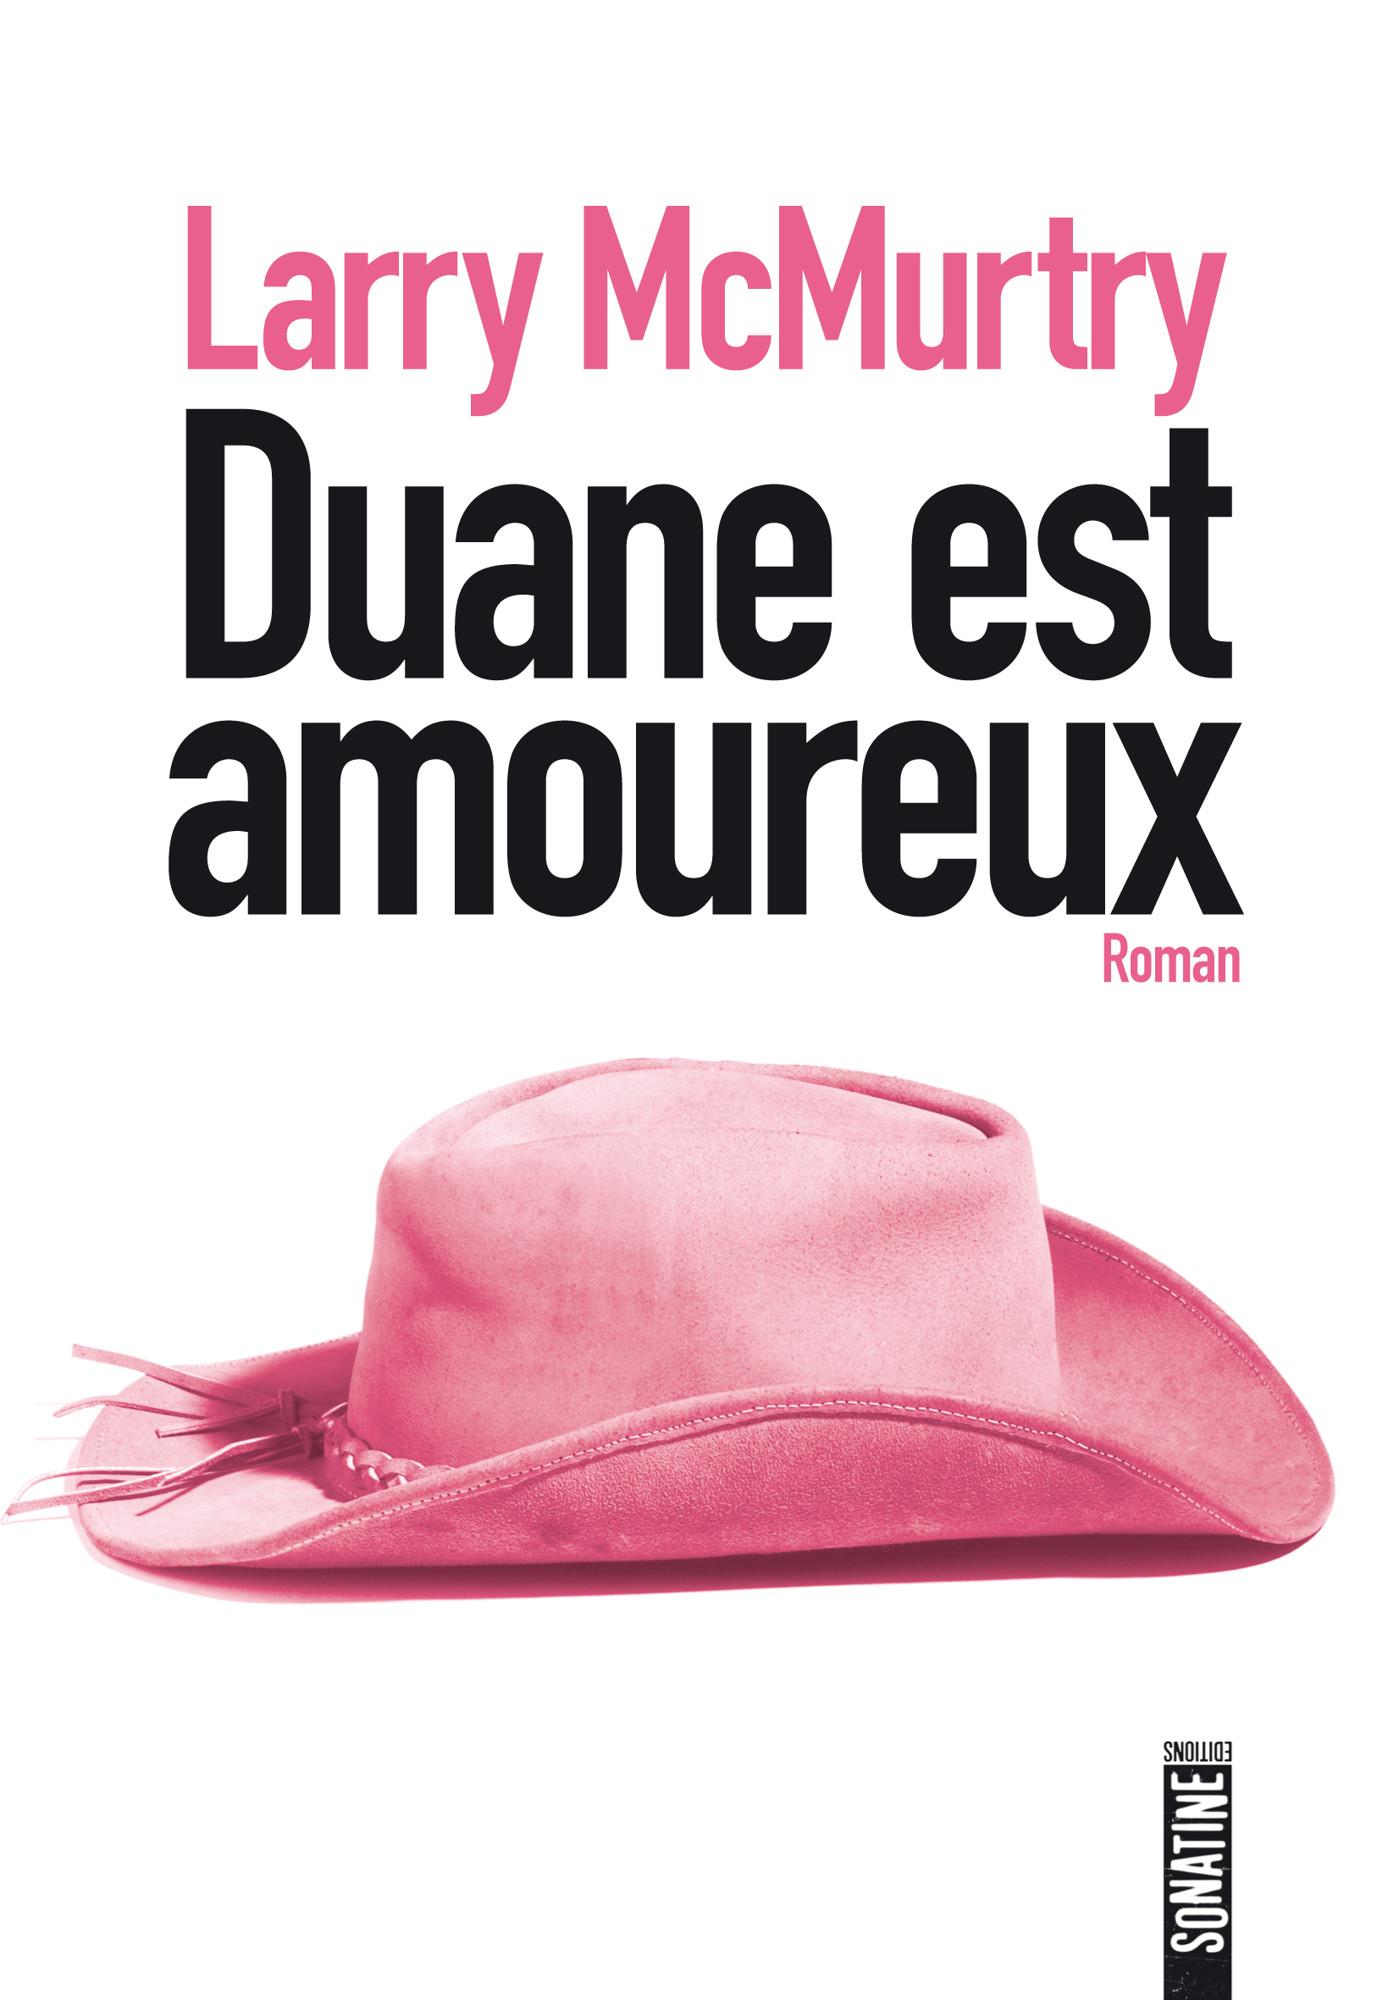 Duane est amoureux | MAC MUTRY, Larry